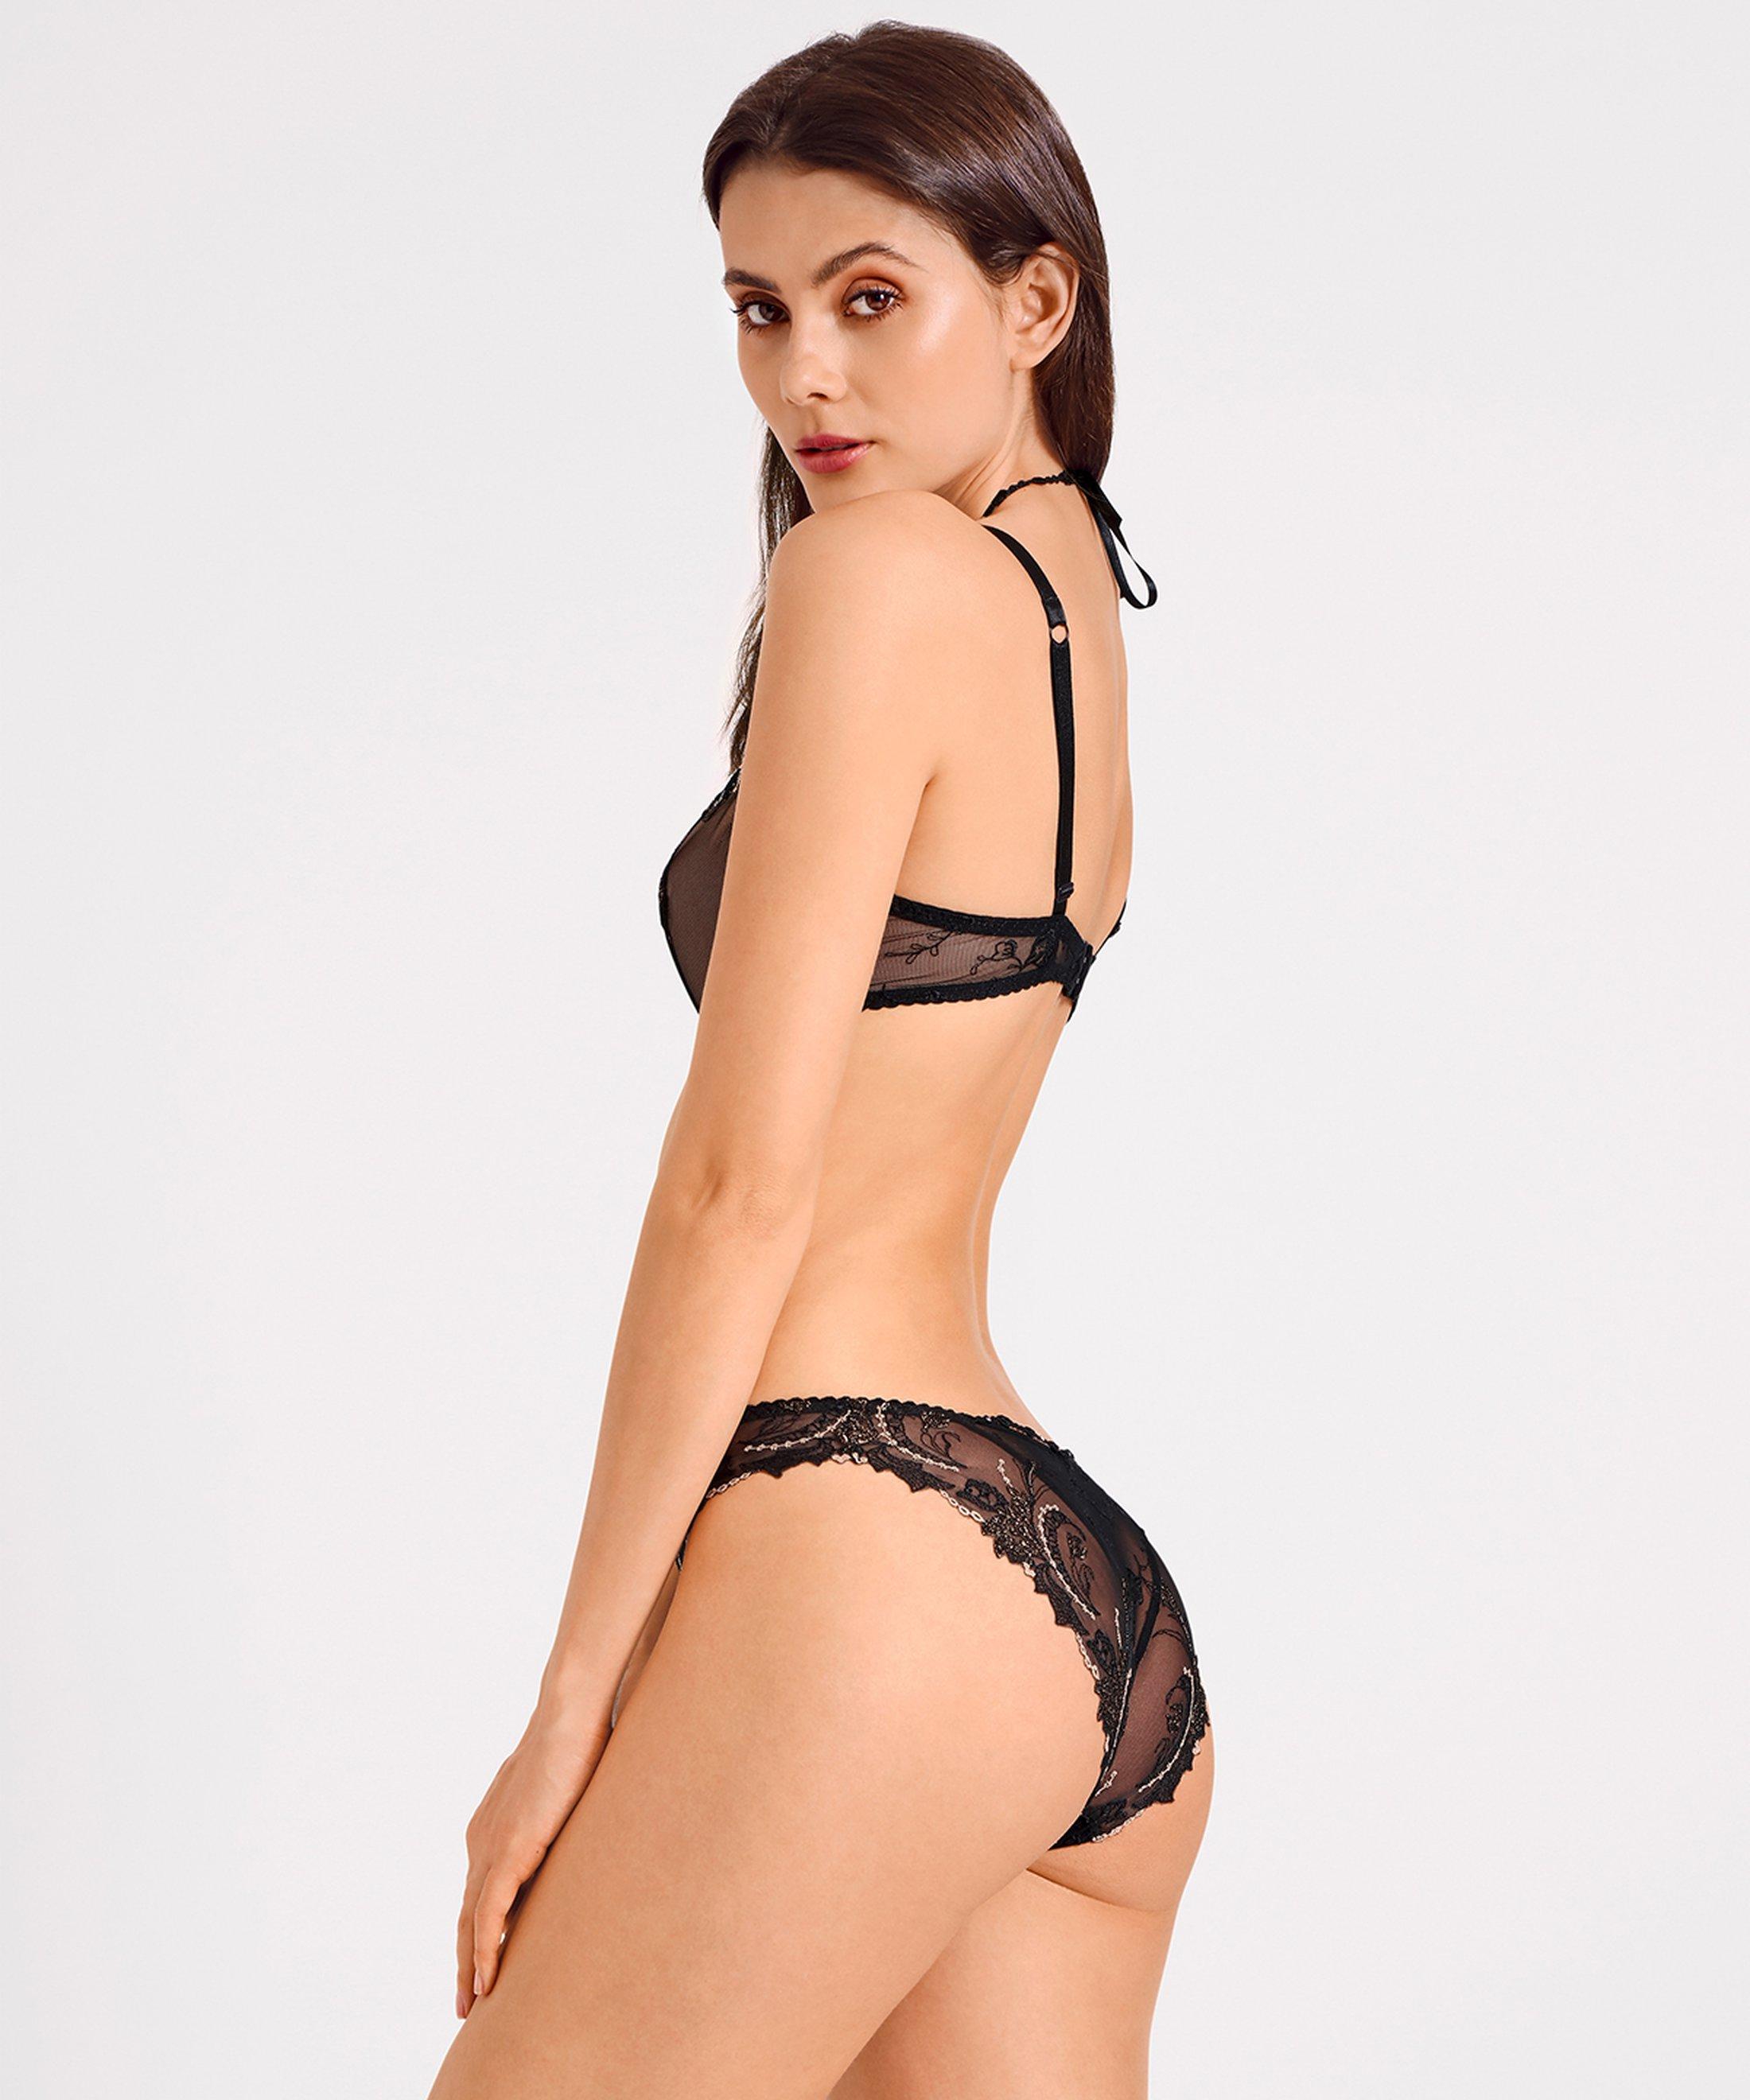 AMOUR PRÉCIEUX Culotte Italienne Diamant noir | Aubade